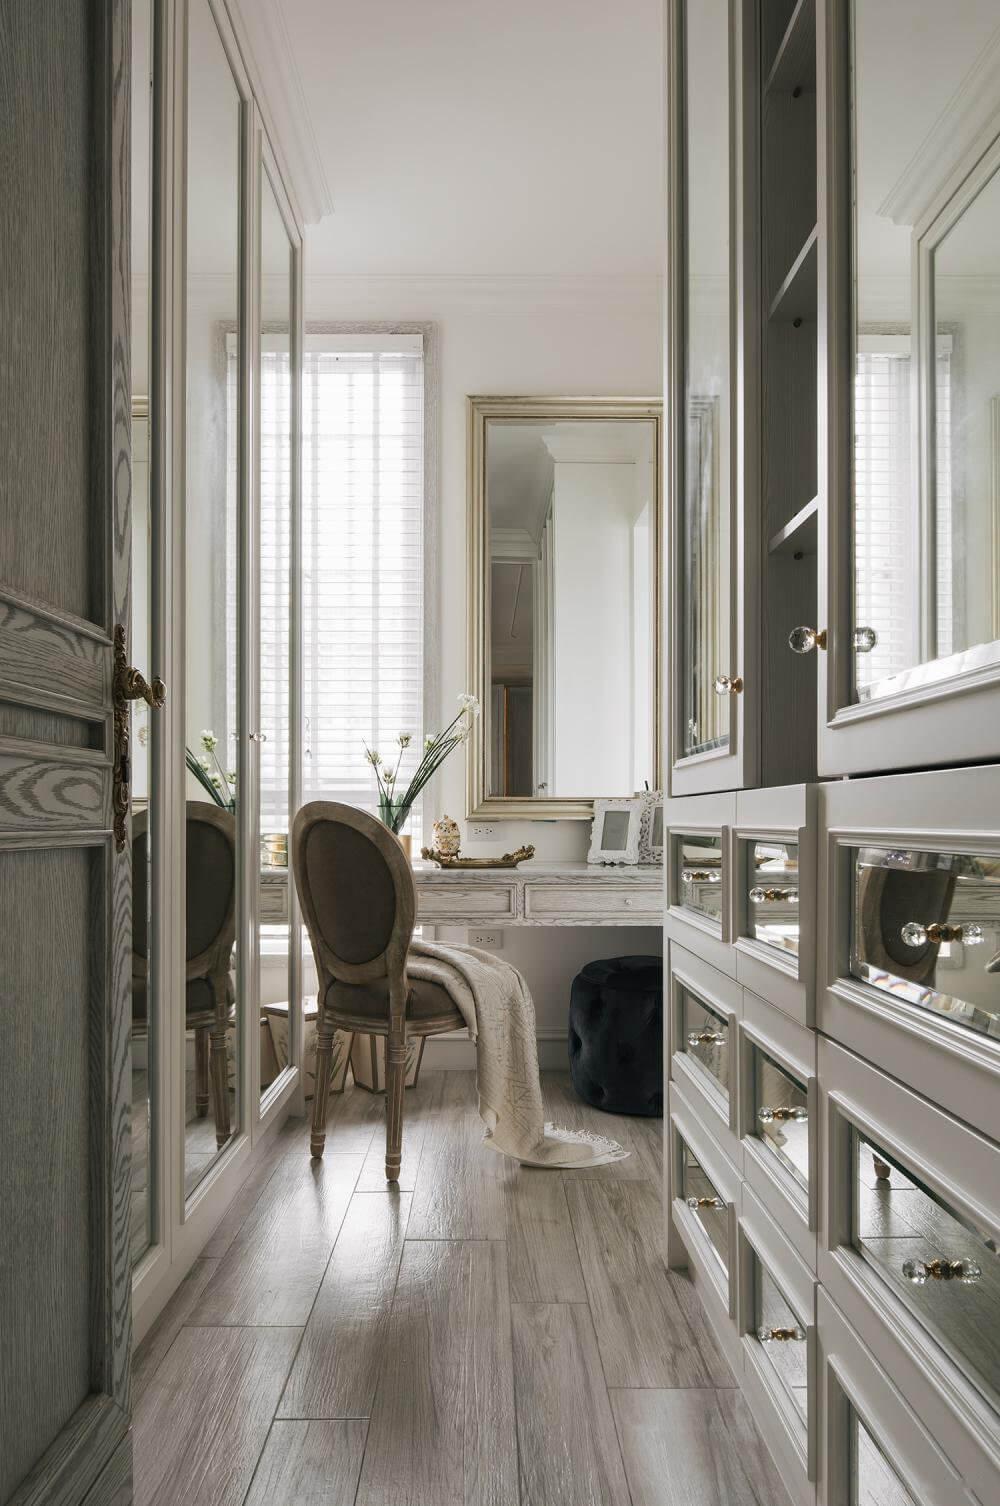 660㎡法式庄园风装修,打造精致不杂乱的空间